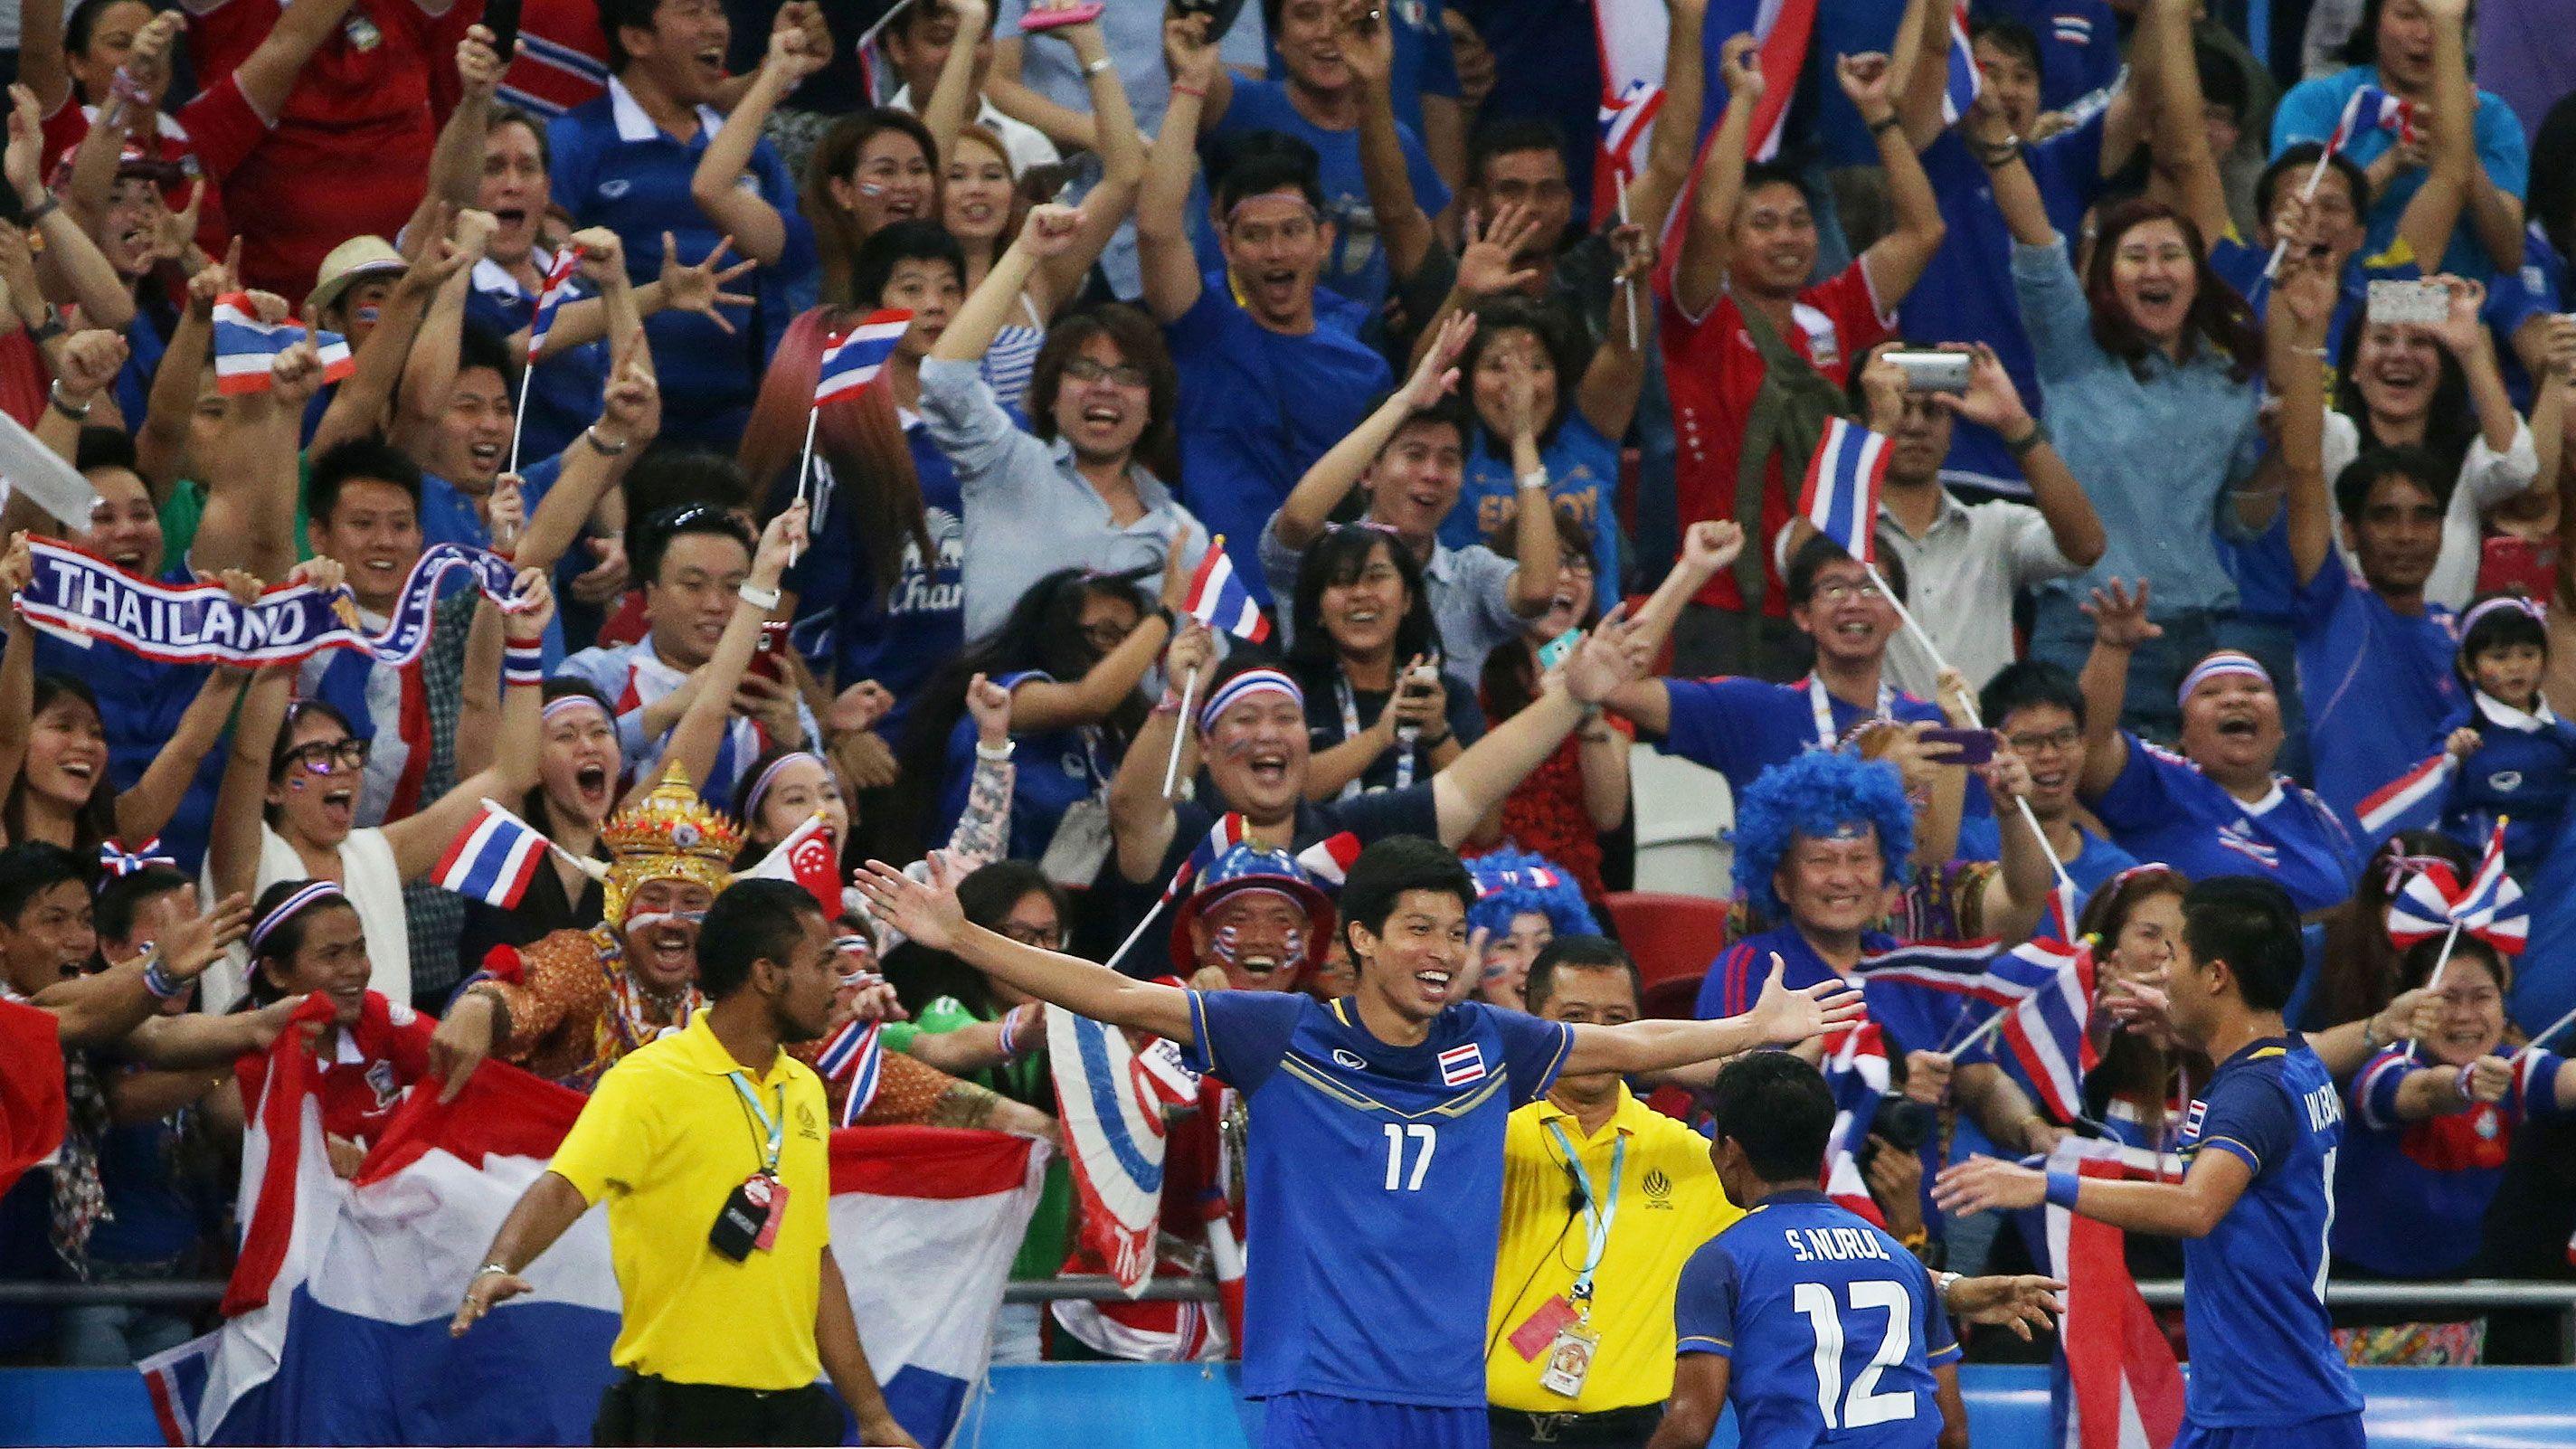 Прогноз таиланд футбол